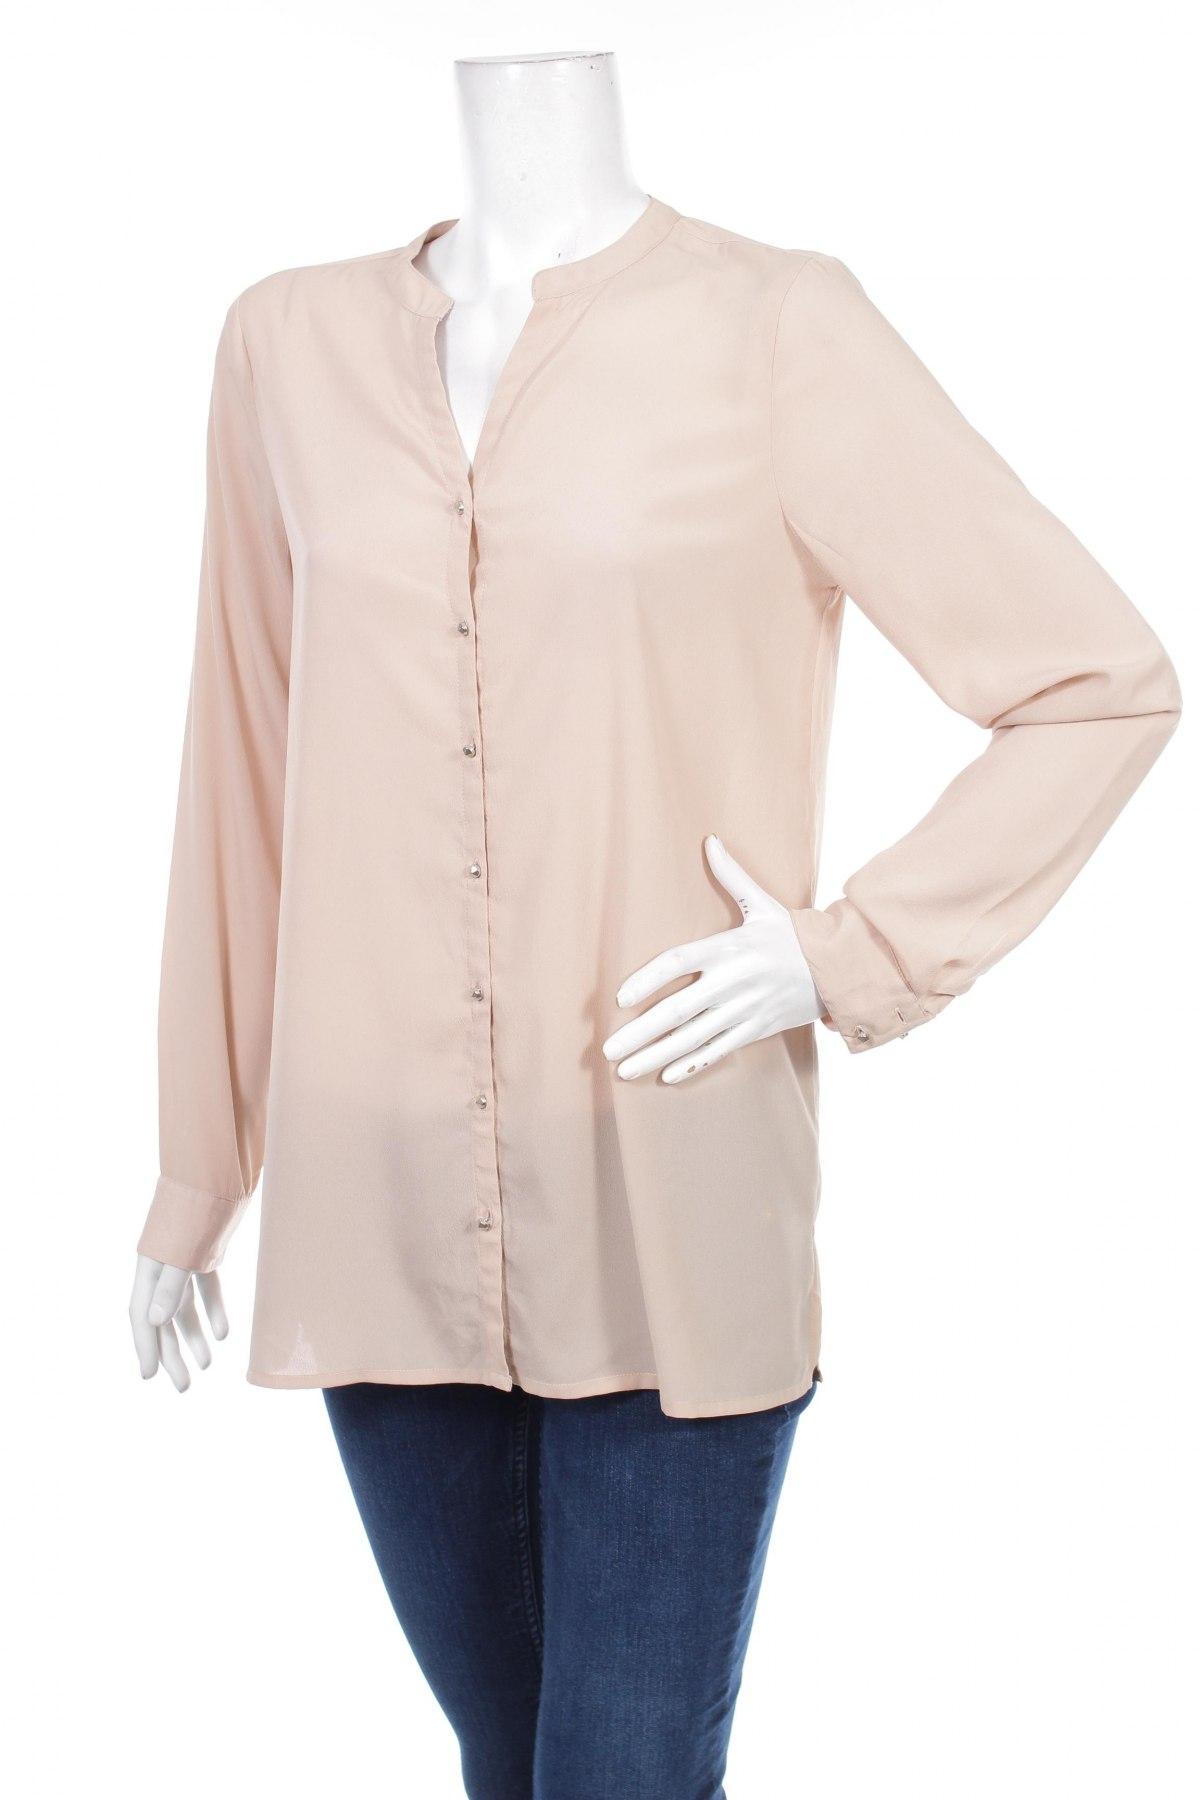 Γυναικείο πουκάμισο Vero Moda, Μέγεθος M, Χρώμα  Μπέζ, 100% πολυεστέρας, Τιμή 18,56€